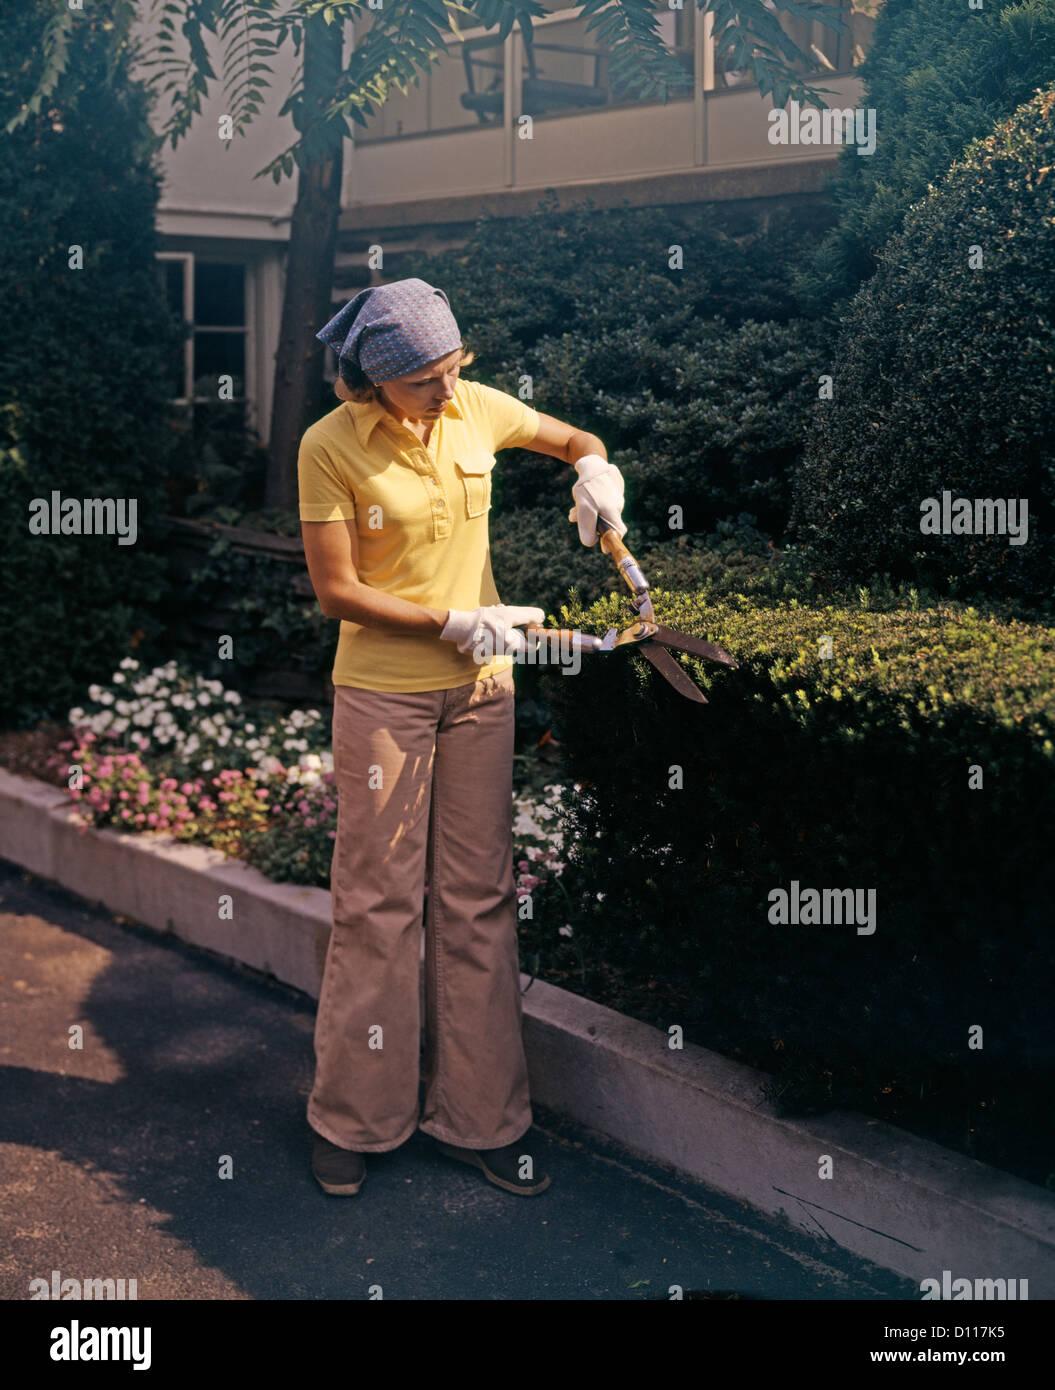 Anni Settanta DONNA CON GIARDINO CLIPPERS TRIMMING siepe di bosso indossando BELLBOTTOMS Immagini Stock